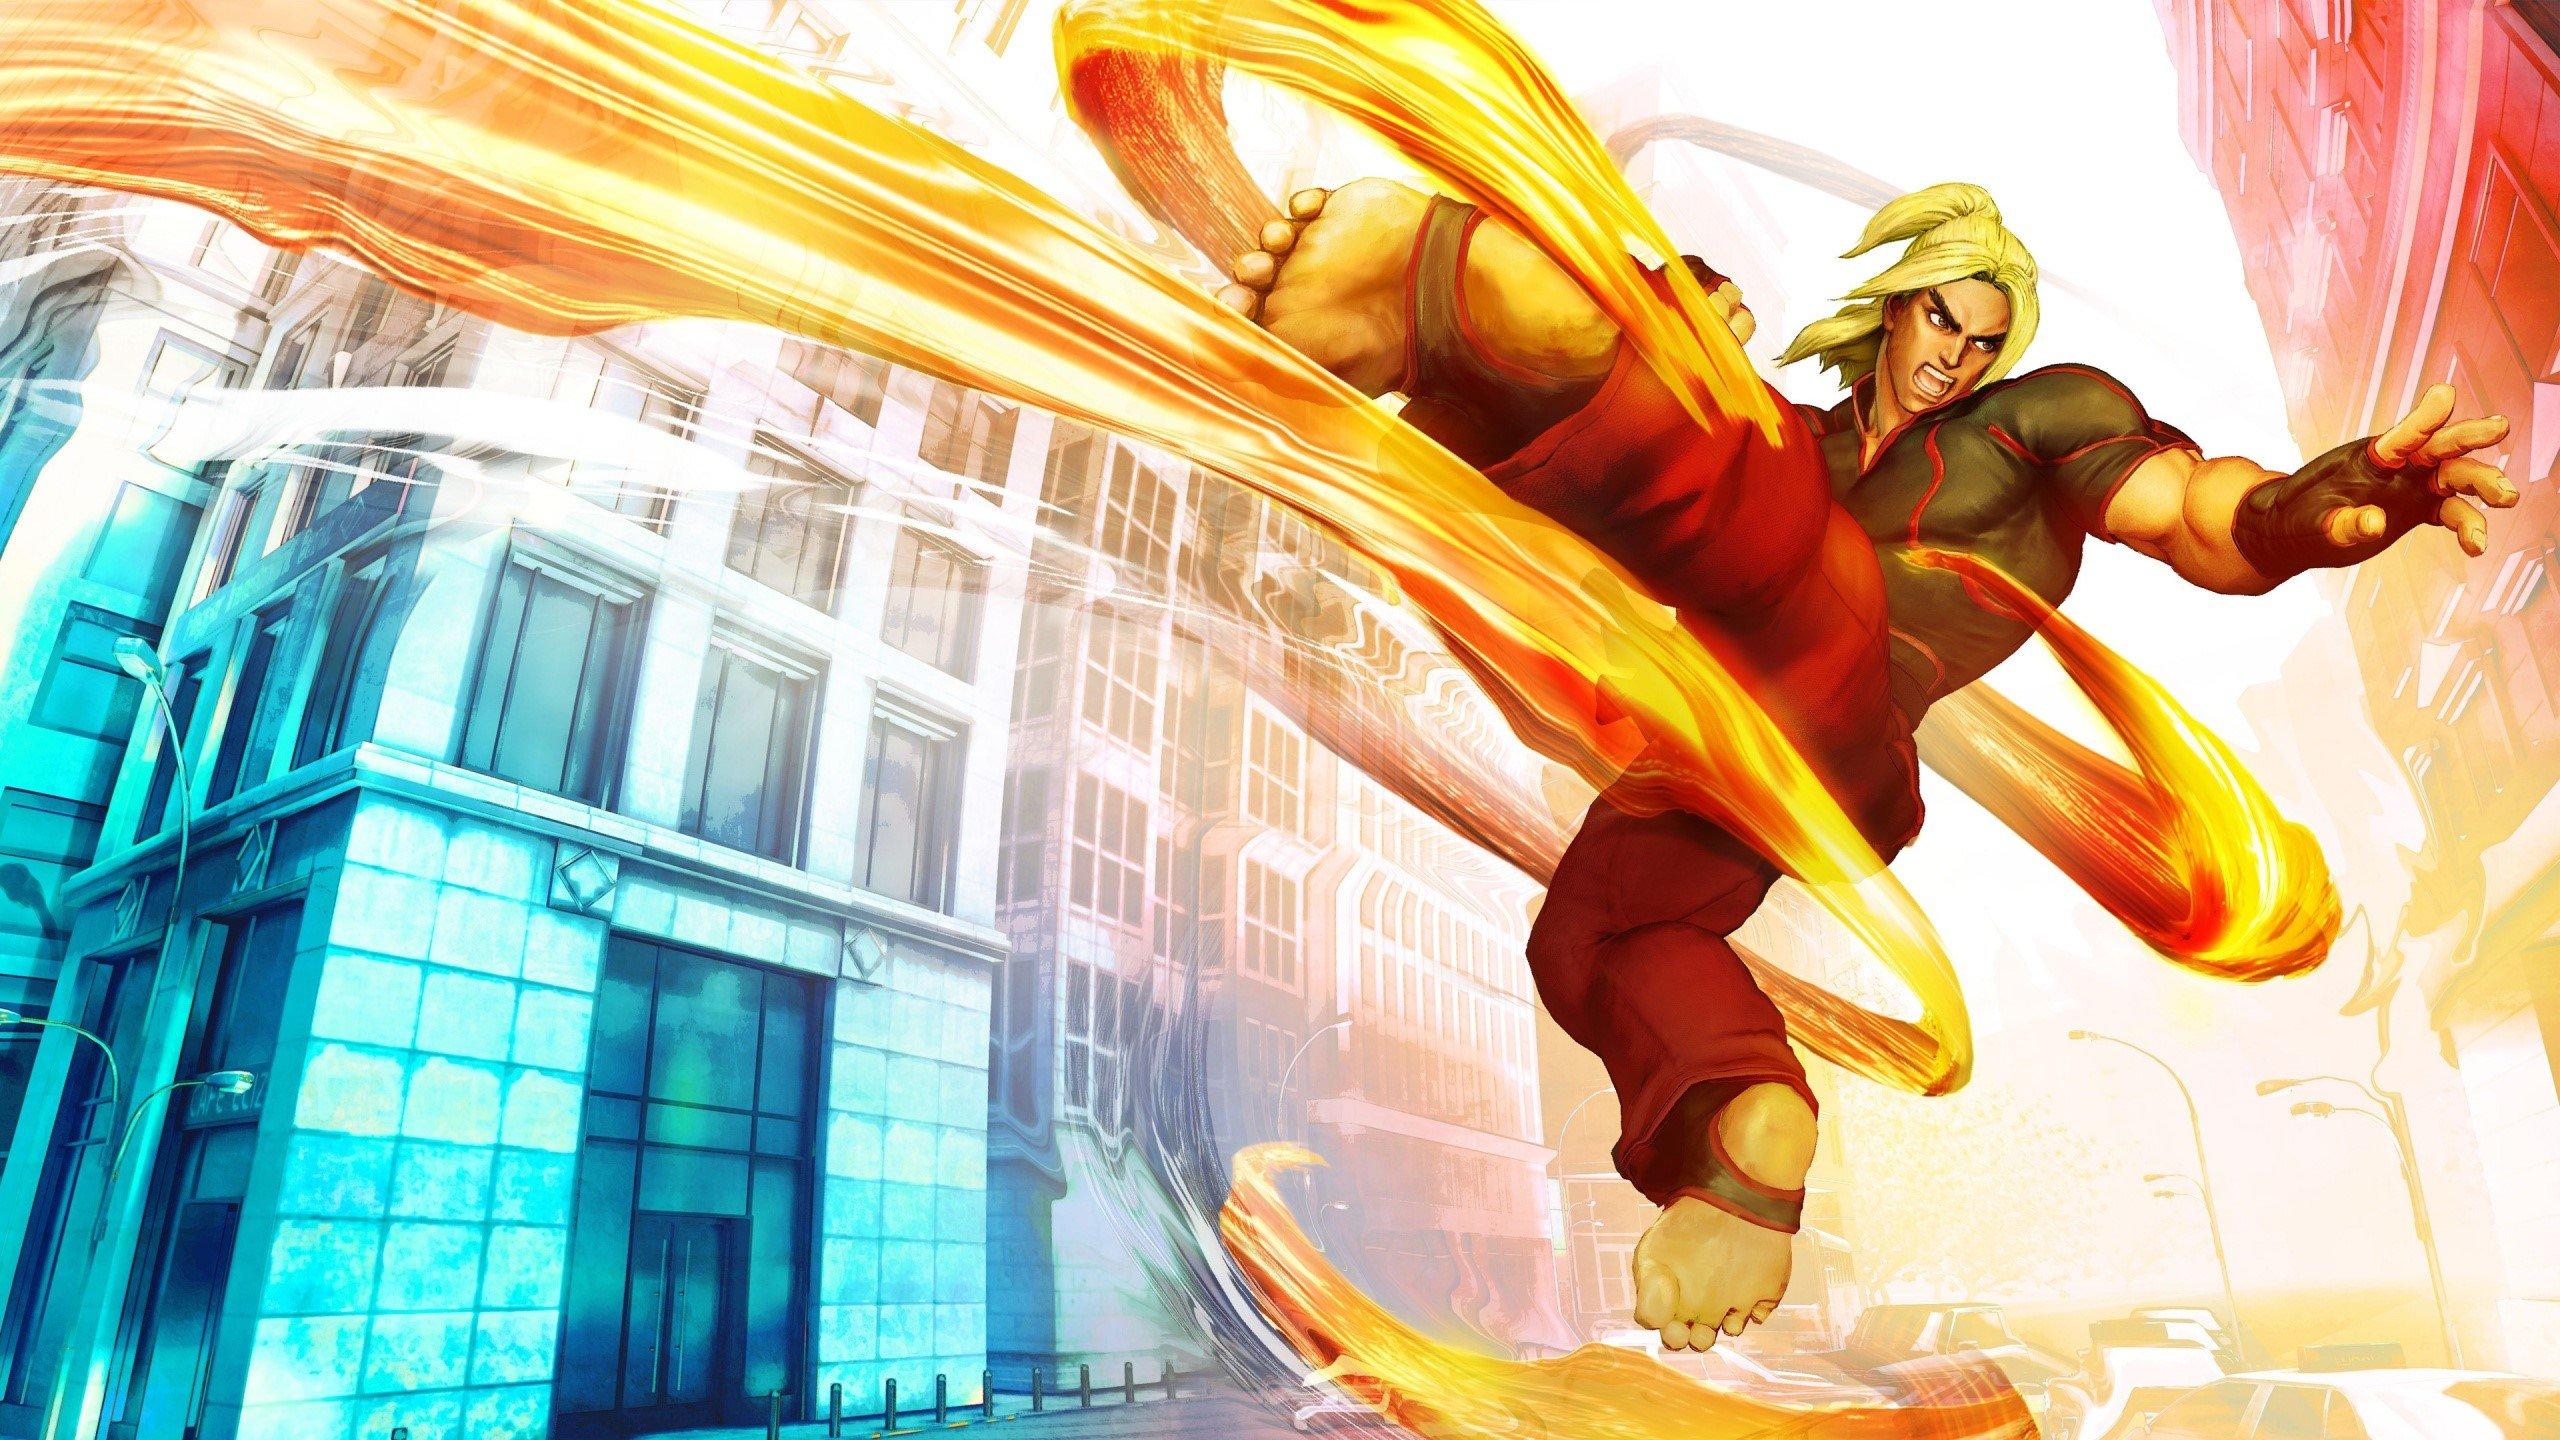 Fondos de pantalla Ken de Street fighter V